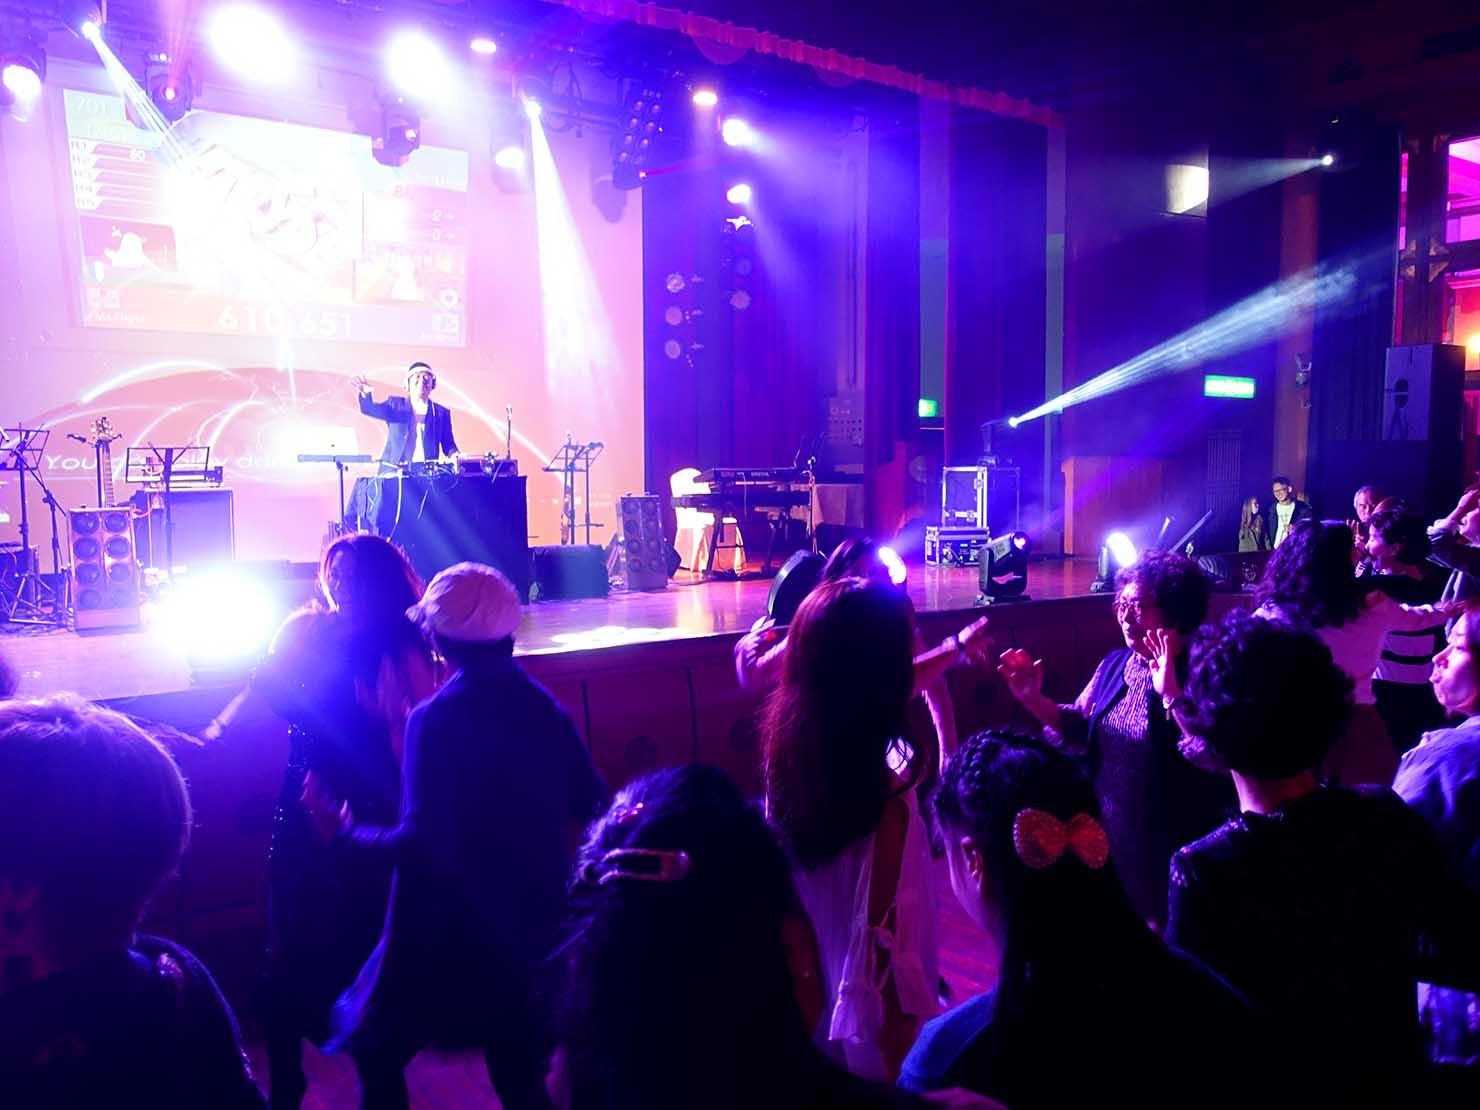 台北・圓山大飯店のカウントダウンパーティー「Bling Bling跨年派對」ステージに登場するDJ